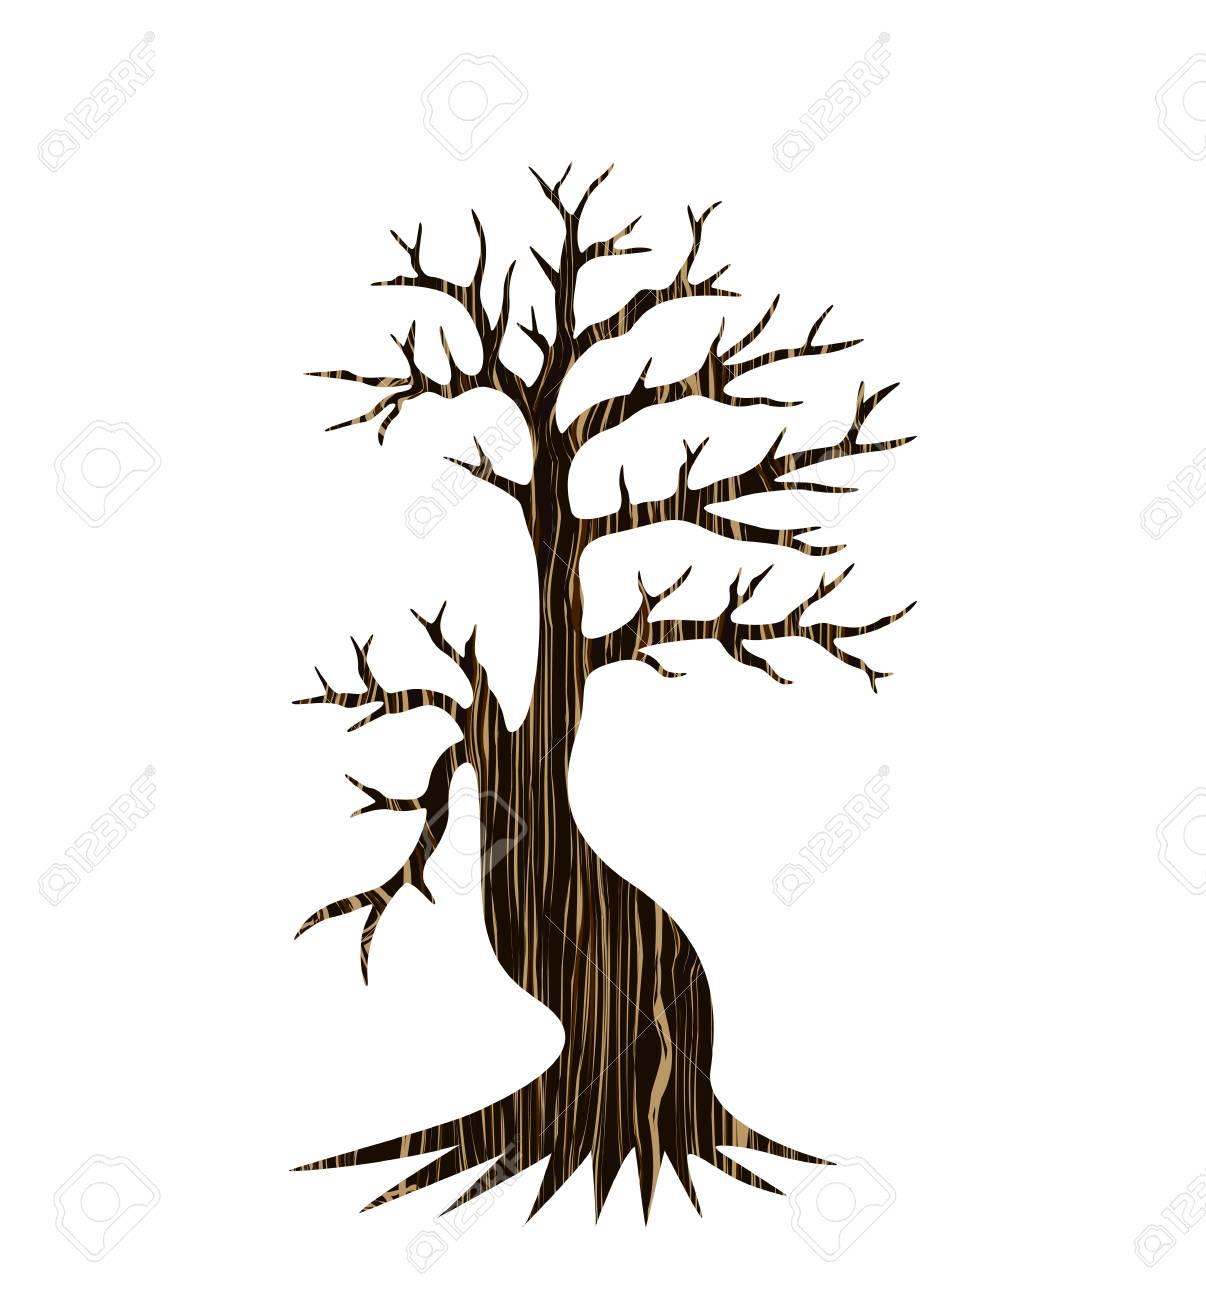 arbre décoratif silhouette clip art libres de droits , vecteurs et